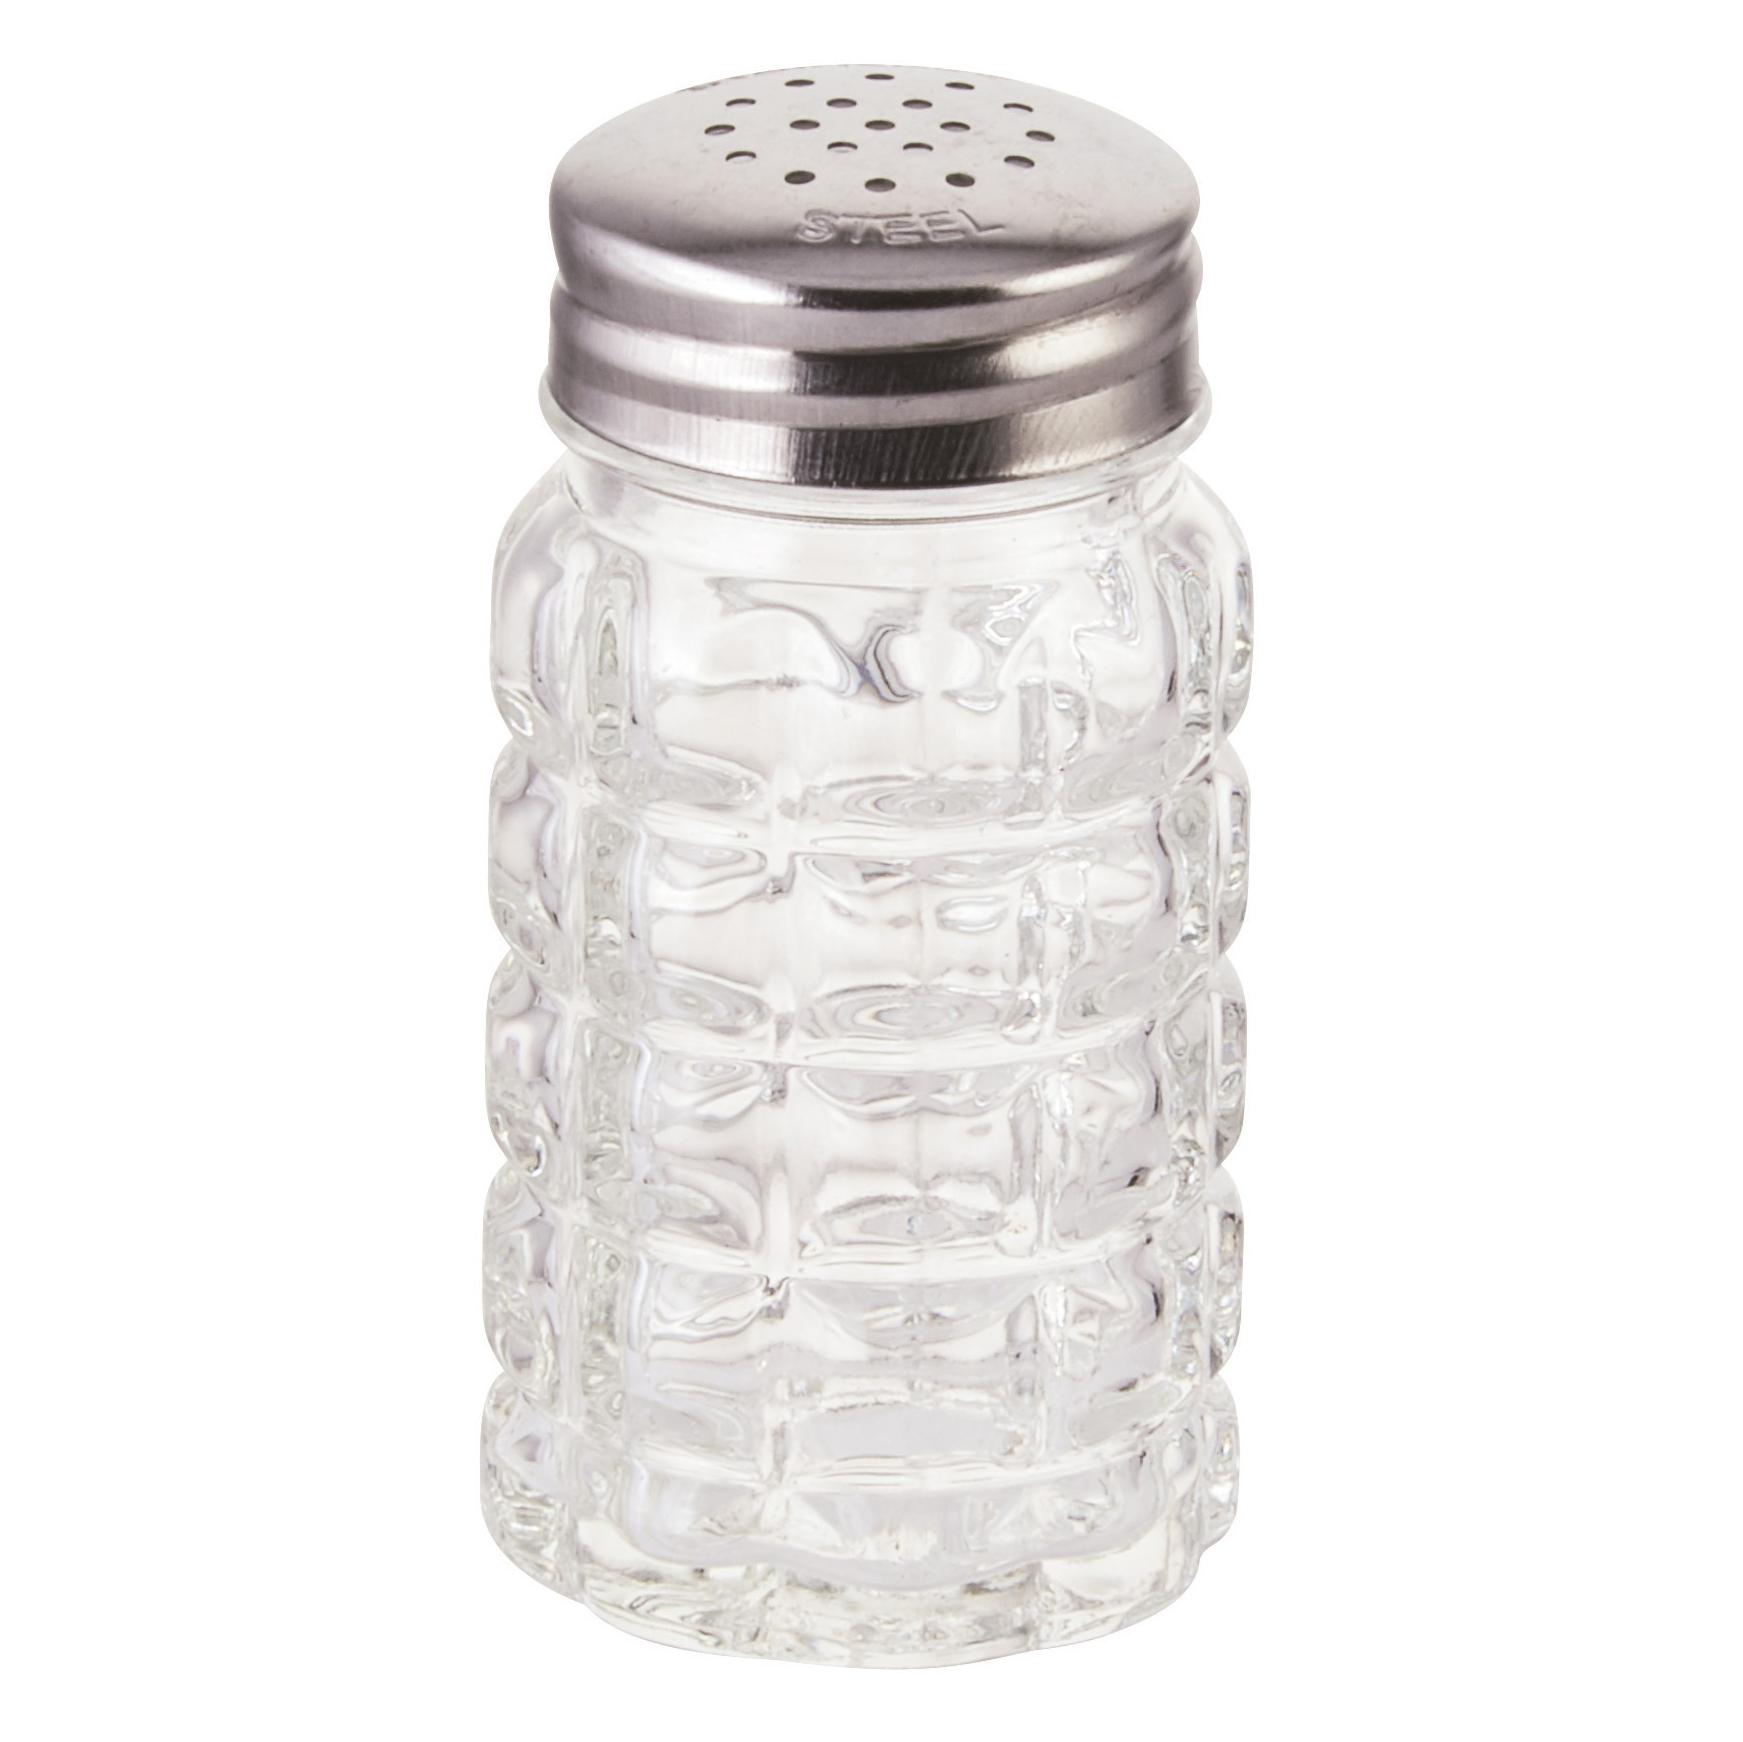 3105-158 DZ Winco G-118 salt / pepper shaker